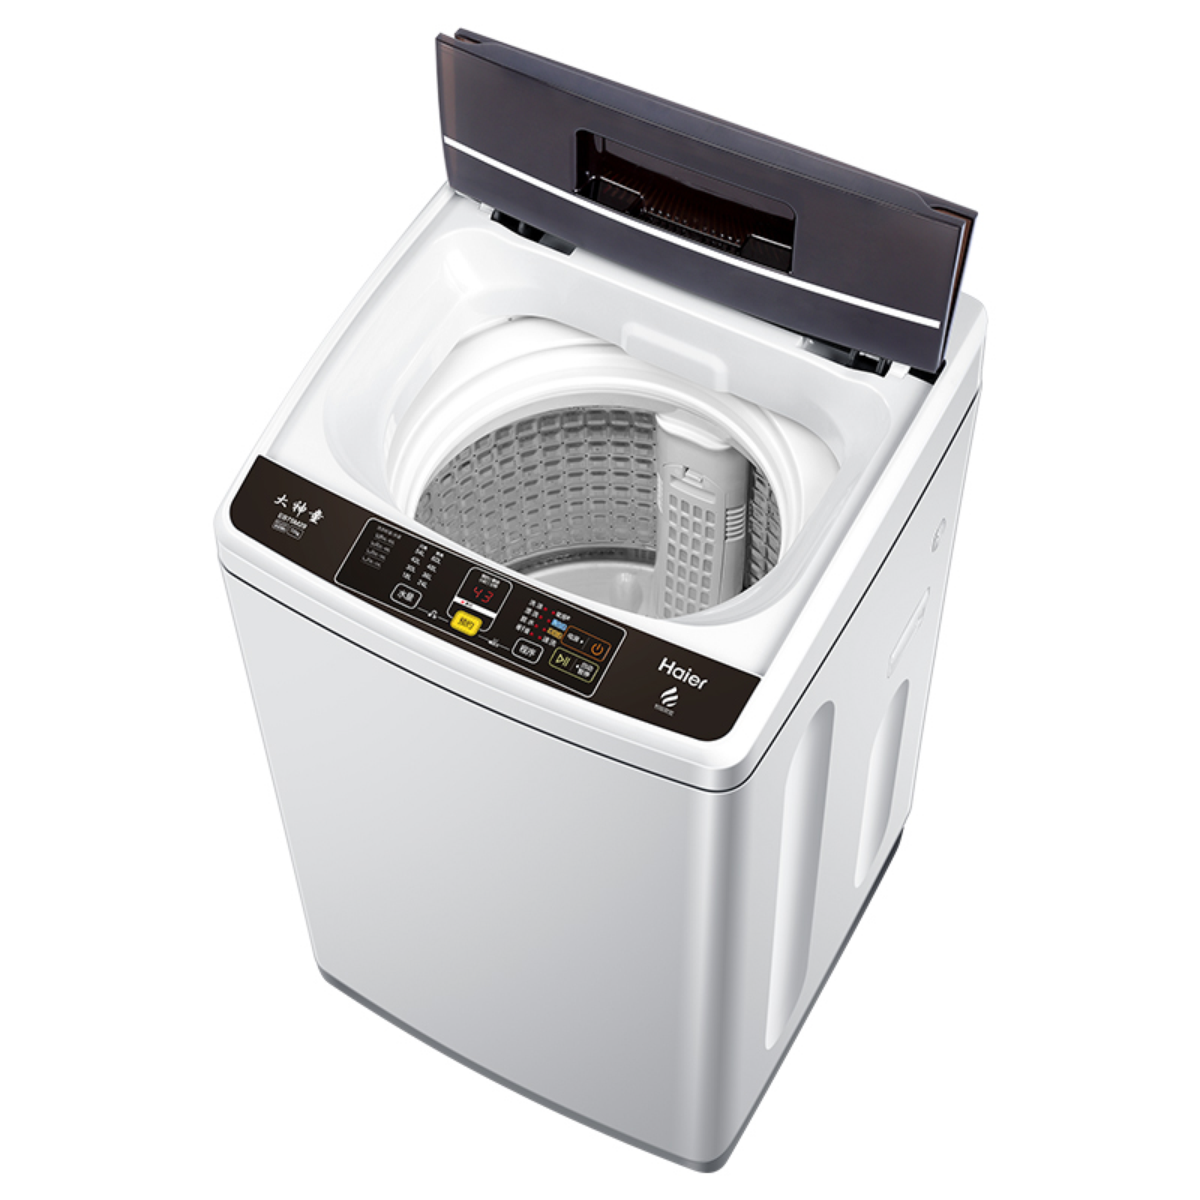 海尔智能投币洗衣机性能操作详细讲解